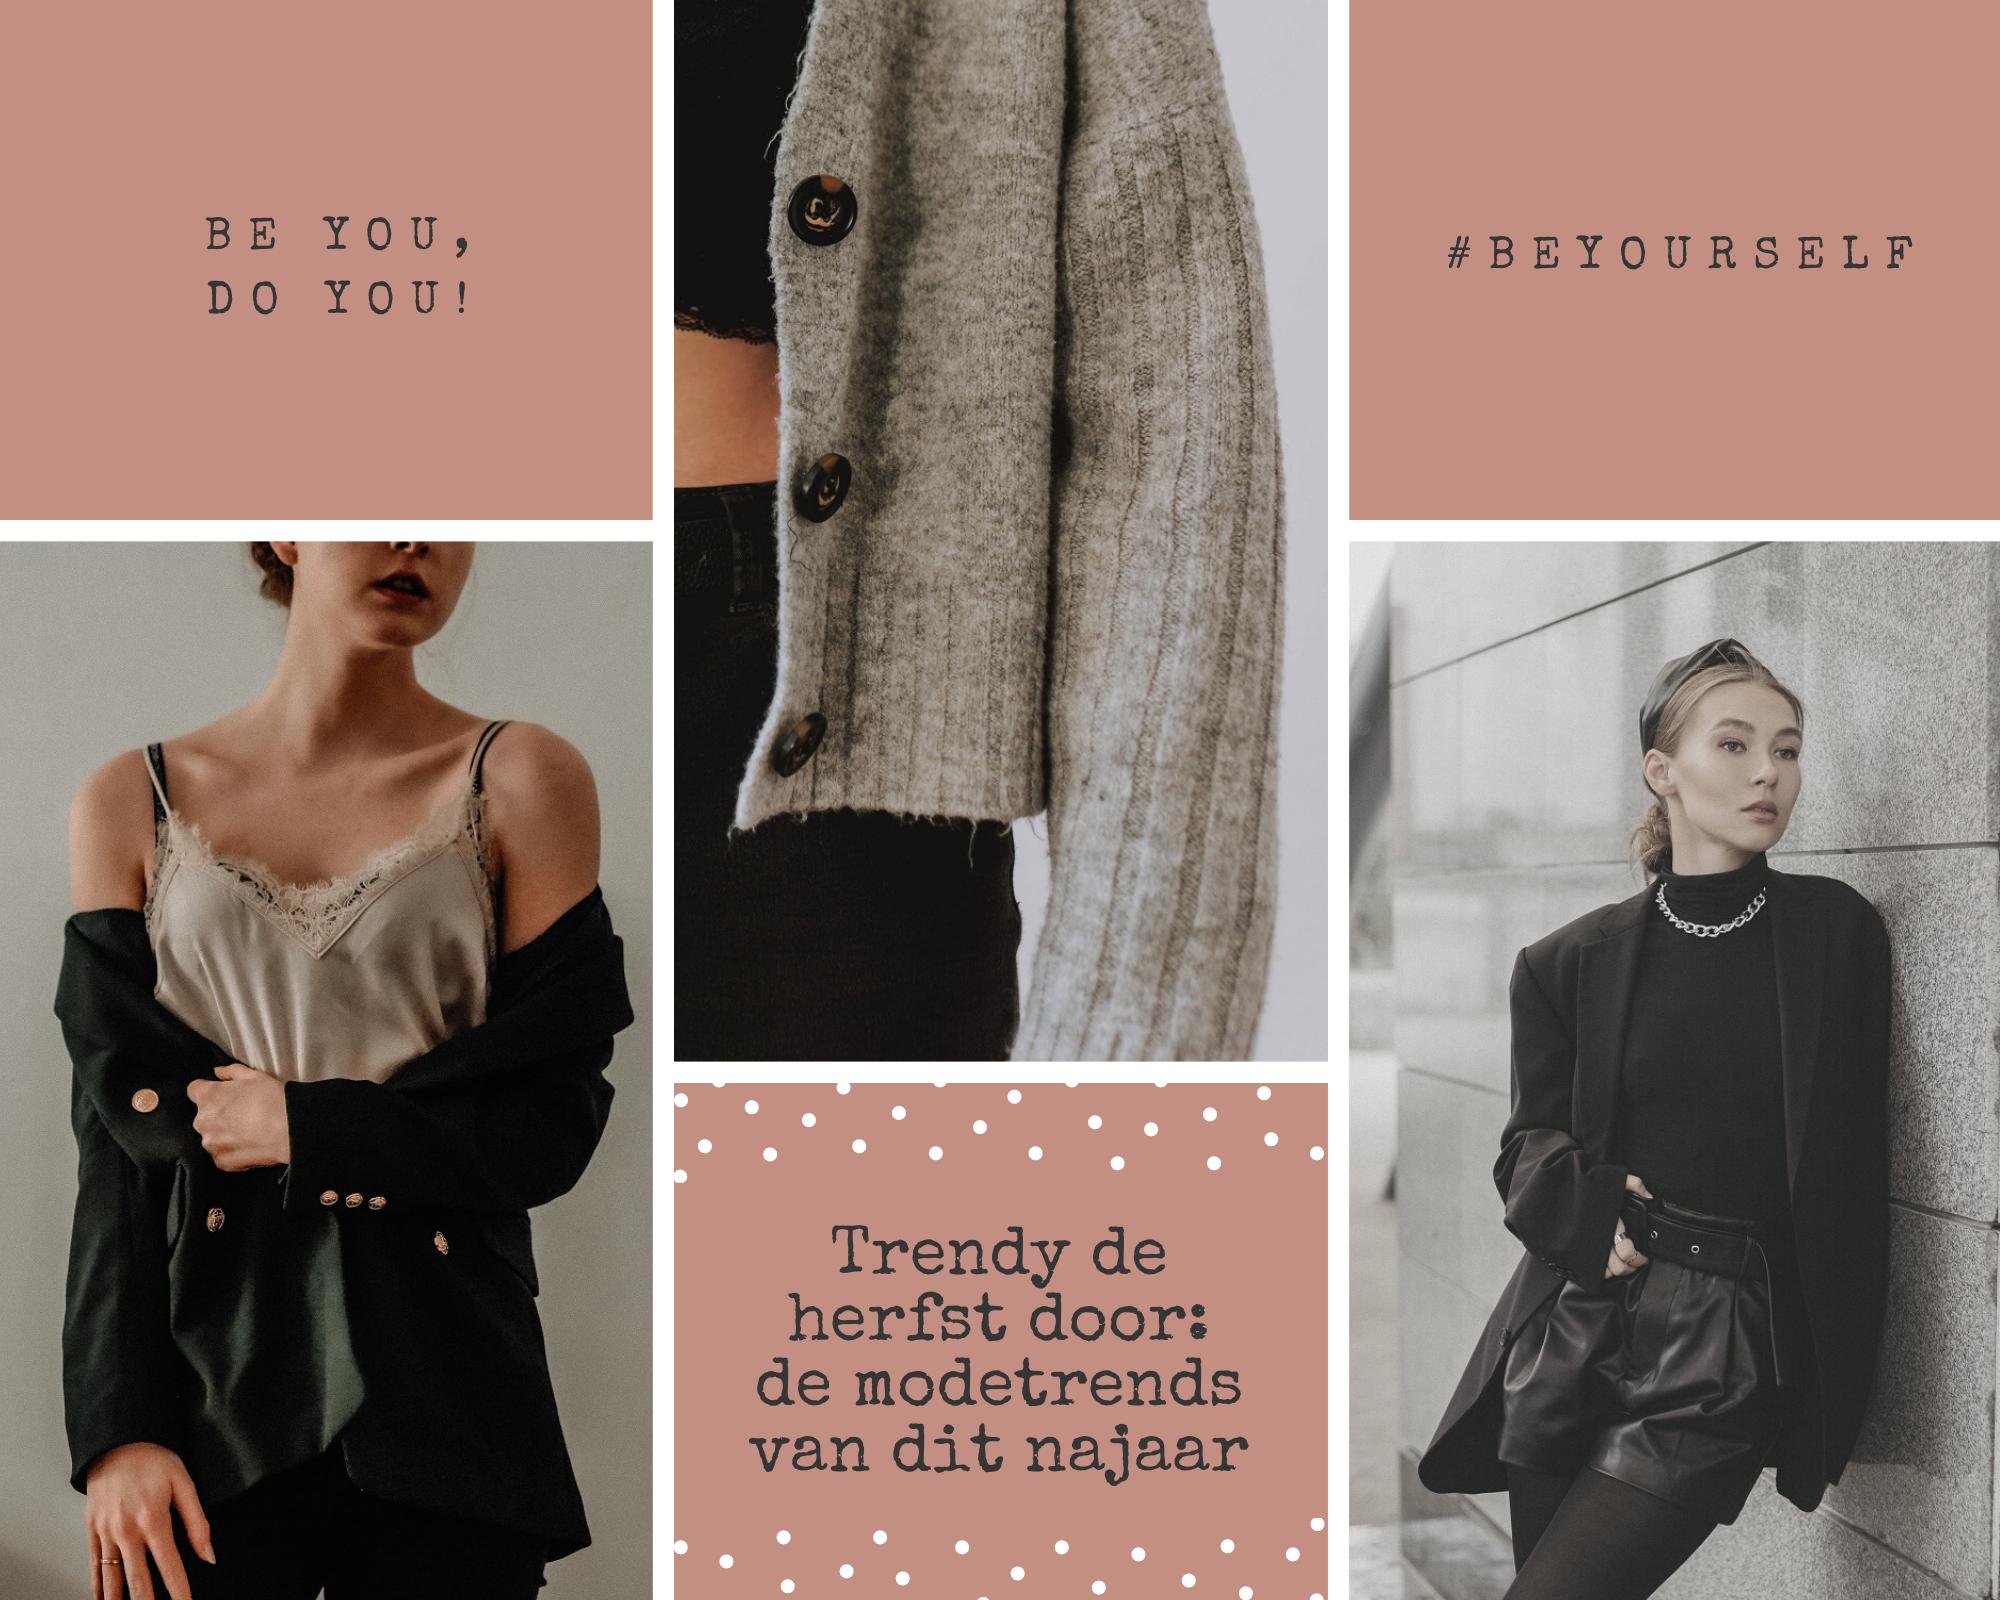 Trendy de herfst door de modetrends van dit najaar